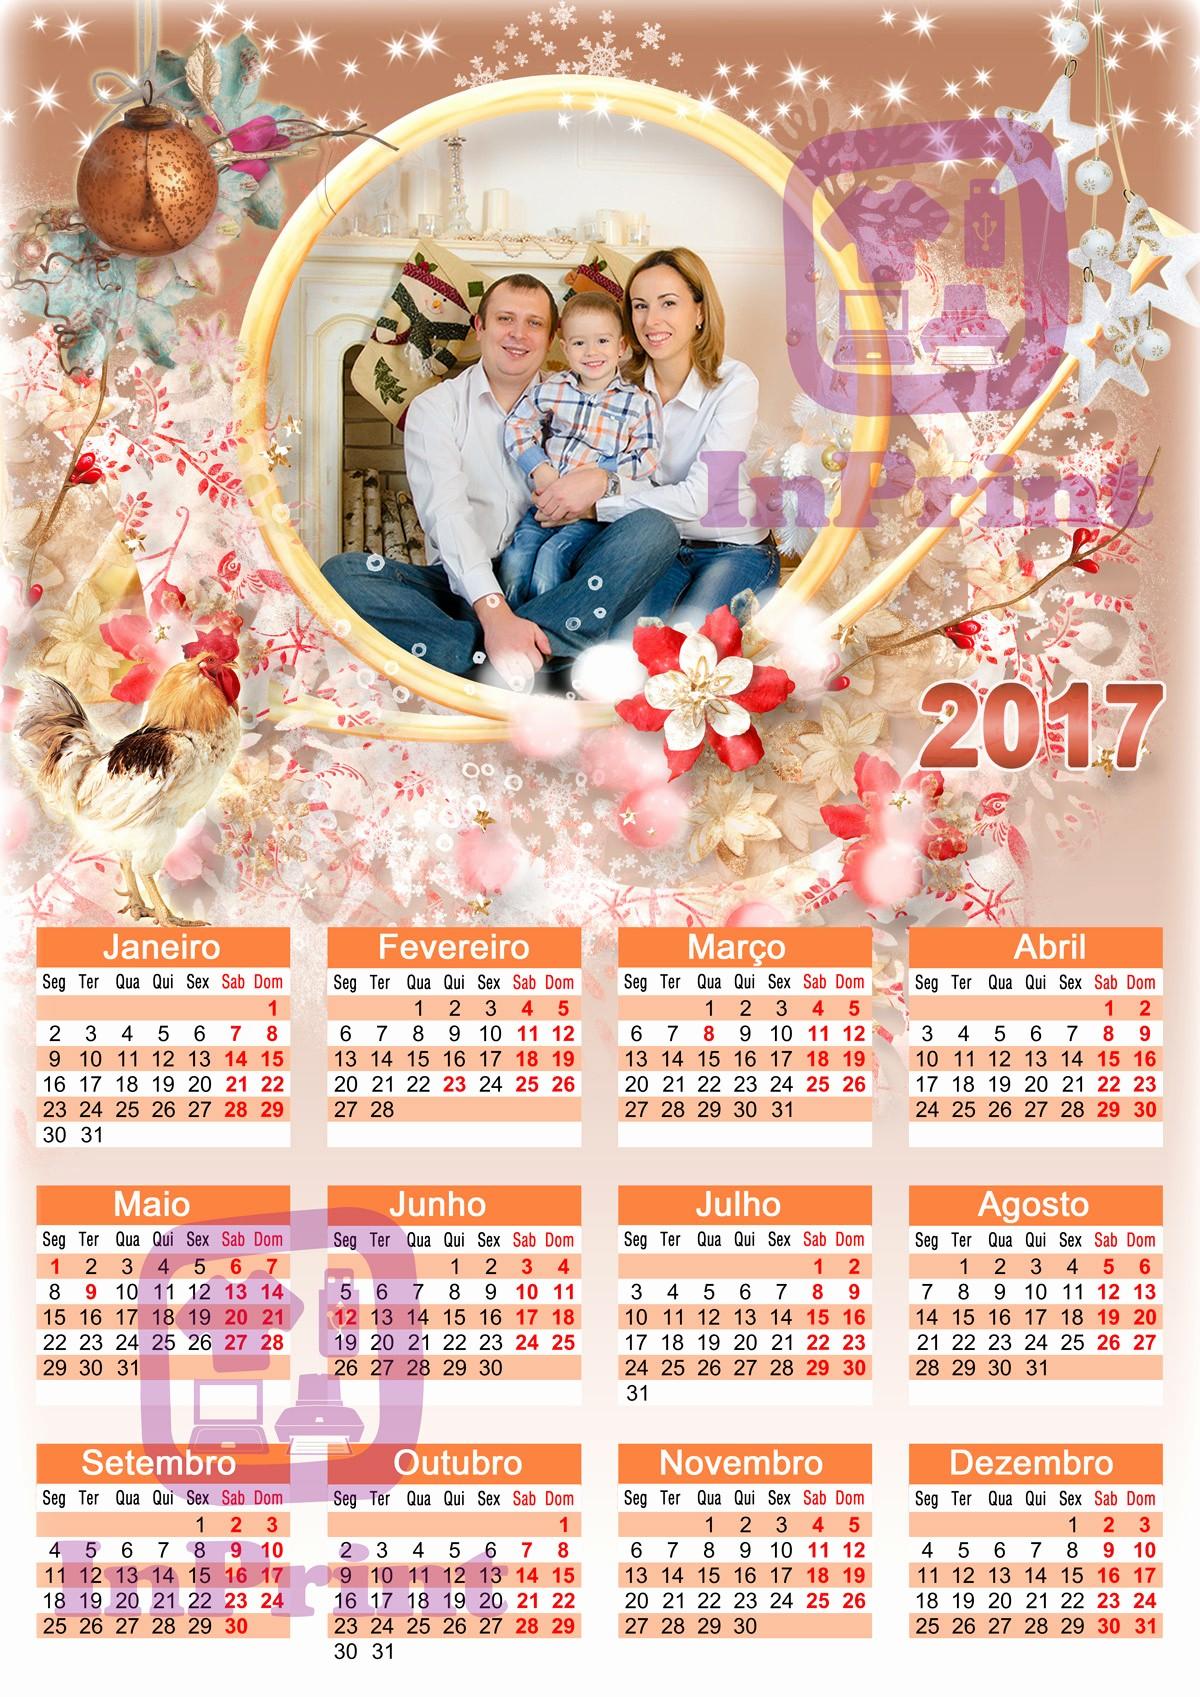 Calendario 2019 Chile Pdf Para Imprimir Actual Calendário 2019 Personalizado Para Imprimir 11 Calendarios 2017 Para Of Calendario 2019 Chile Pdf Para Imprimir Más Reciente 2013 Marzo Para Jefaturas Regionales Y Distritales